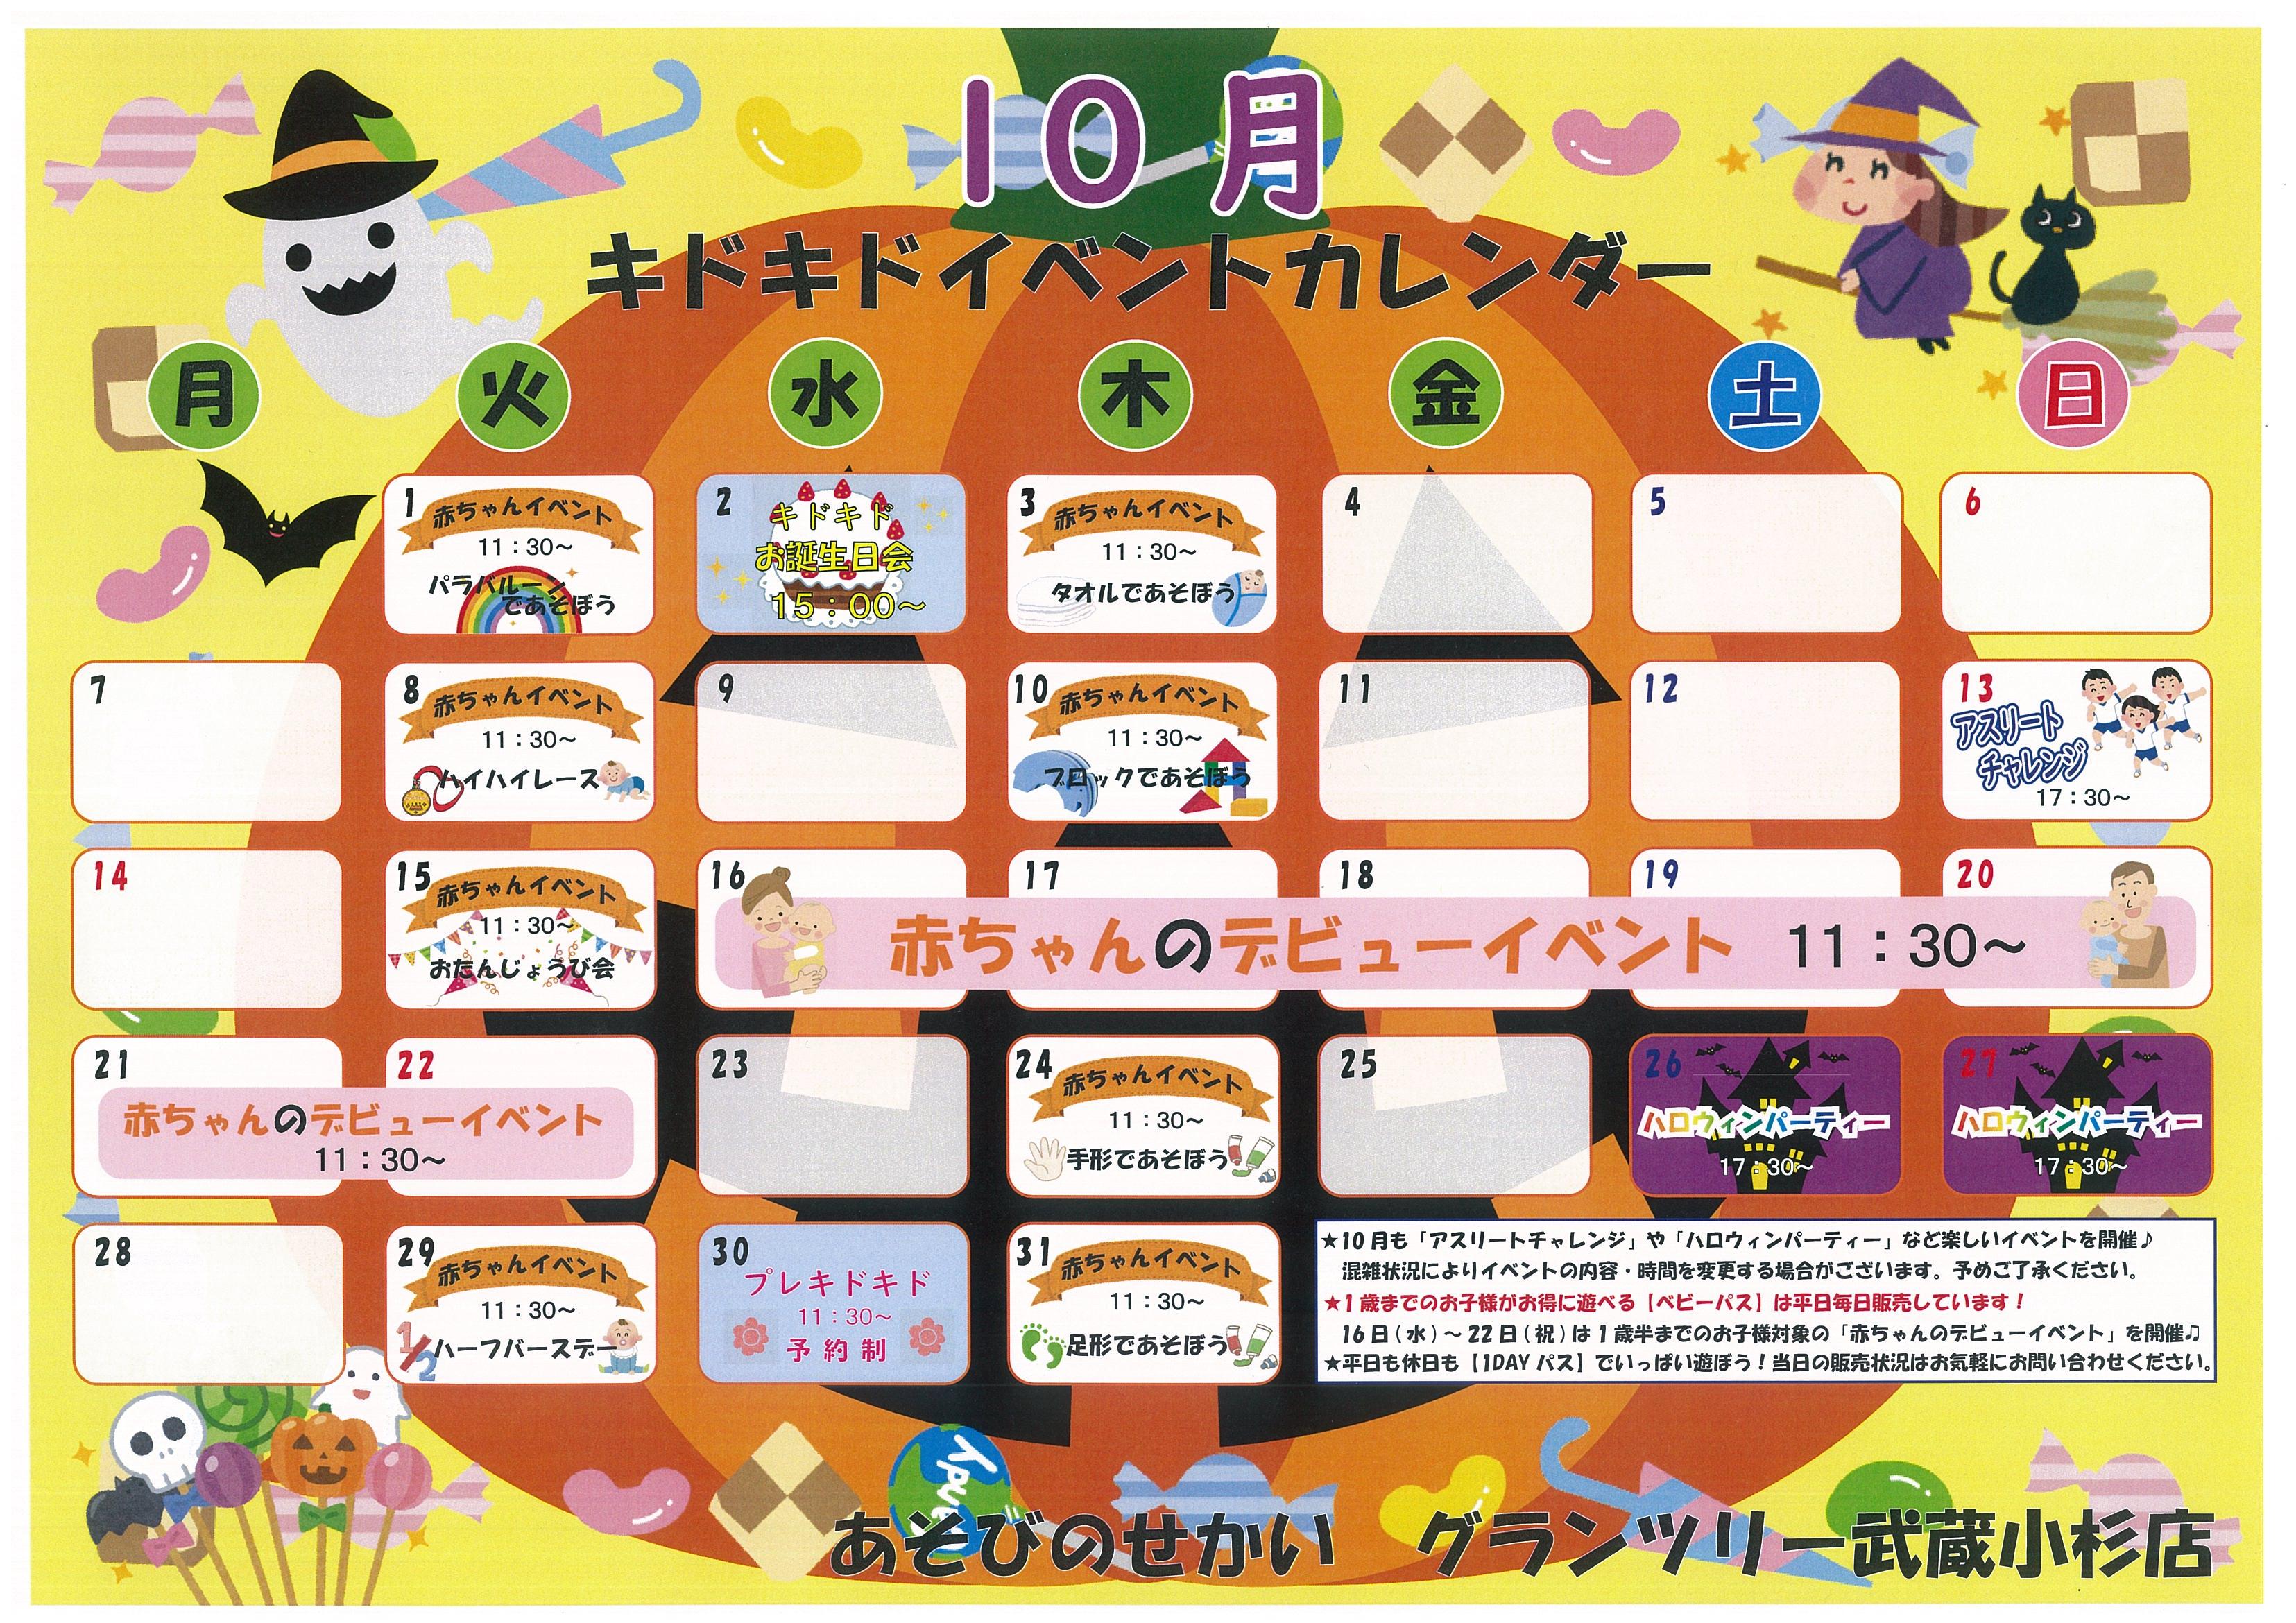 ☆10月のイベントカレンダー☆